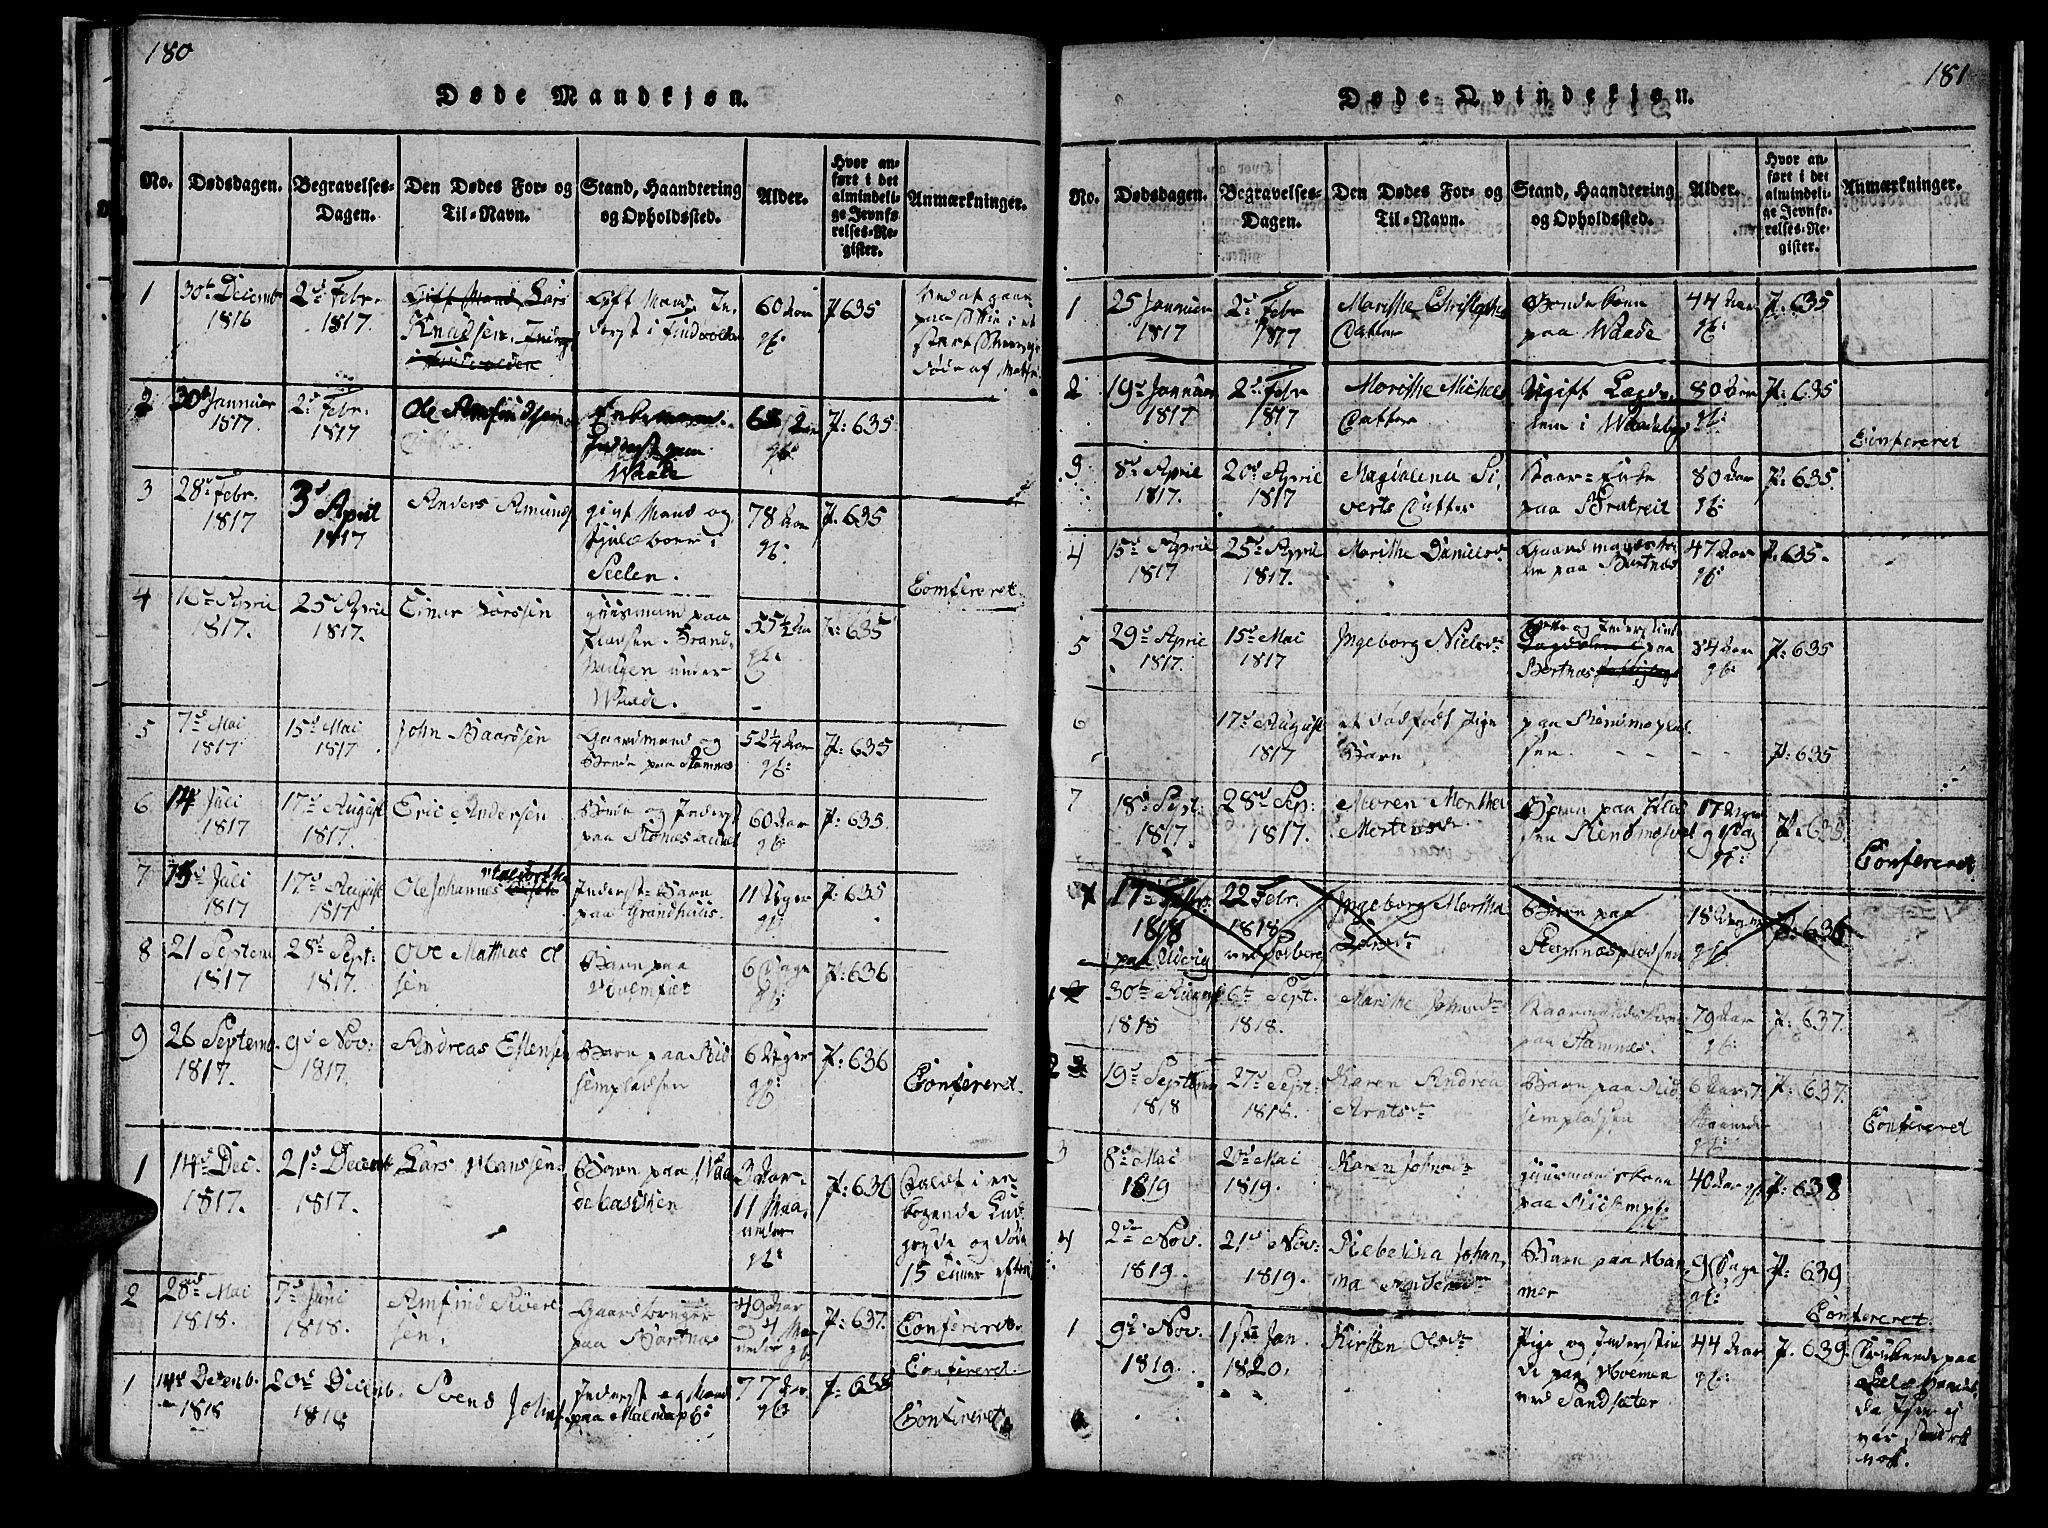 SAT, Ministerialprotokoller, klokkerbøker og fødselsregistre - Nord-Trøndelag, 745/L0433: Klokkerbok nr. 745C02, 1817-1825, s. 180-181